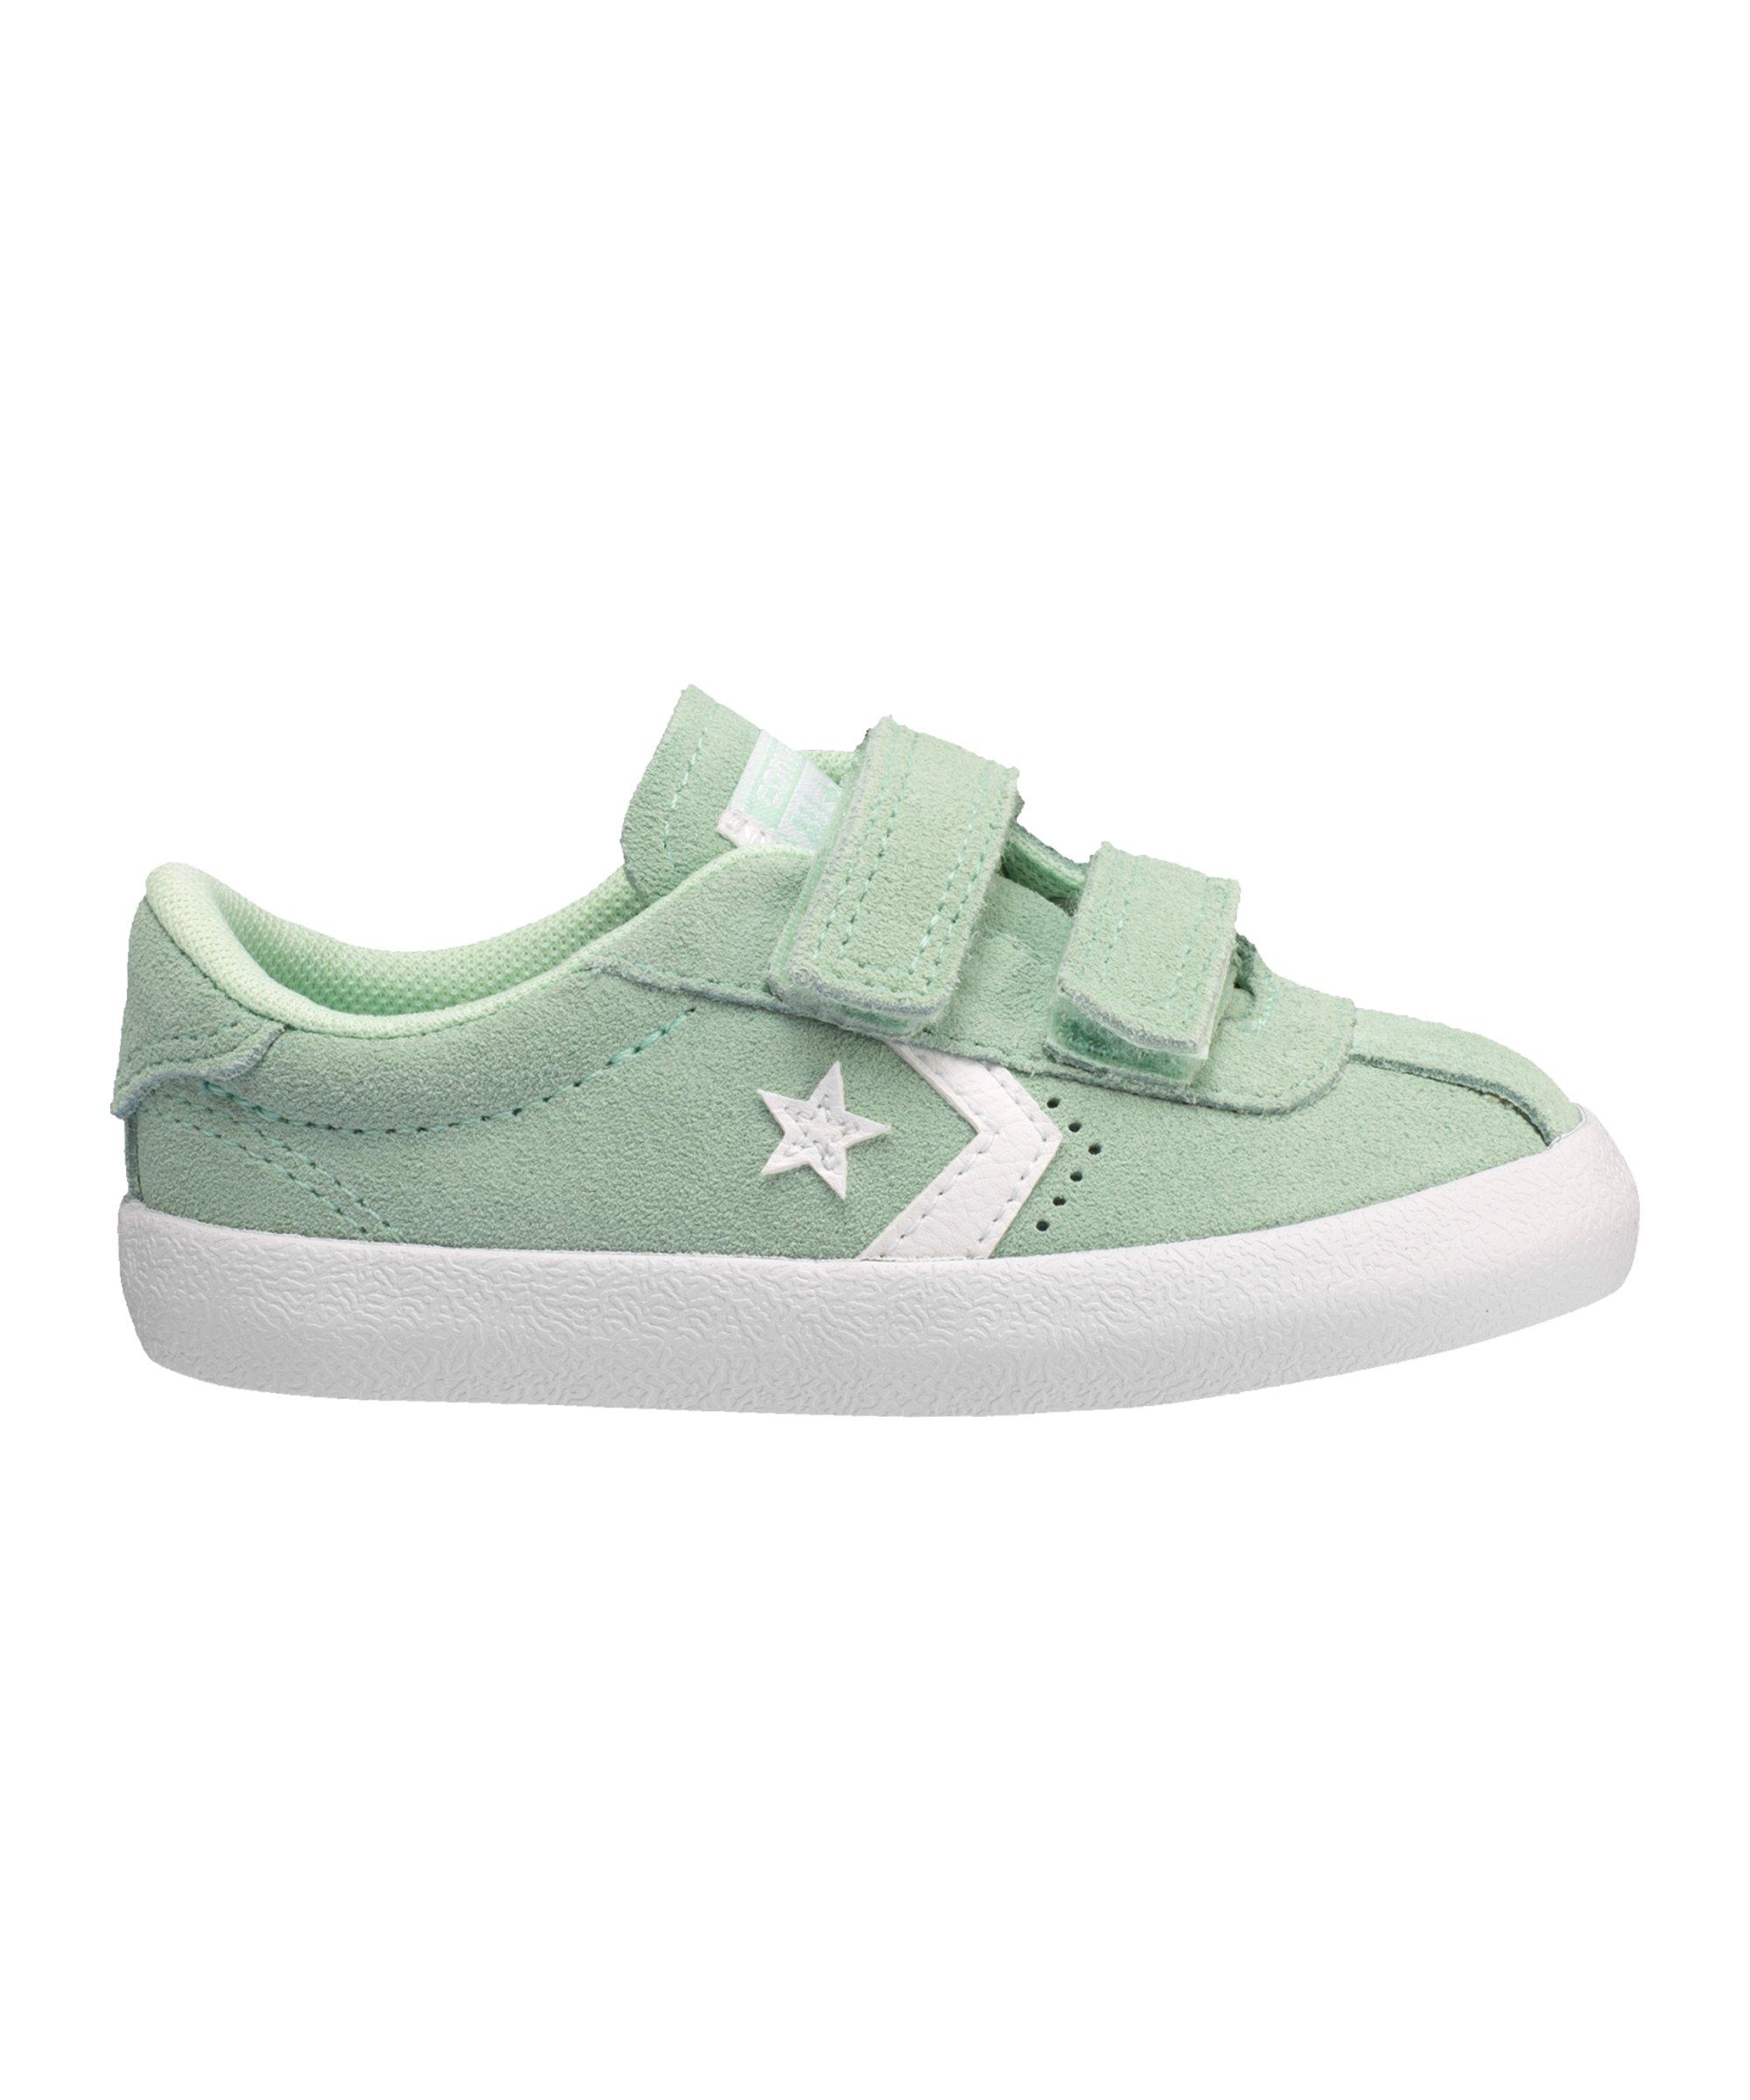 Converse Breakpoint 2V OX Sneaker Kids Grün - Gruen